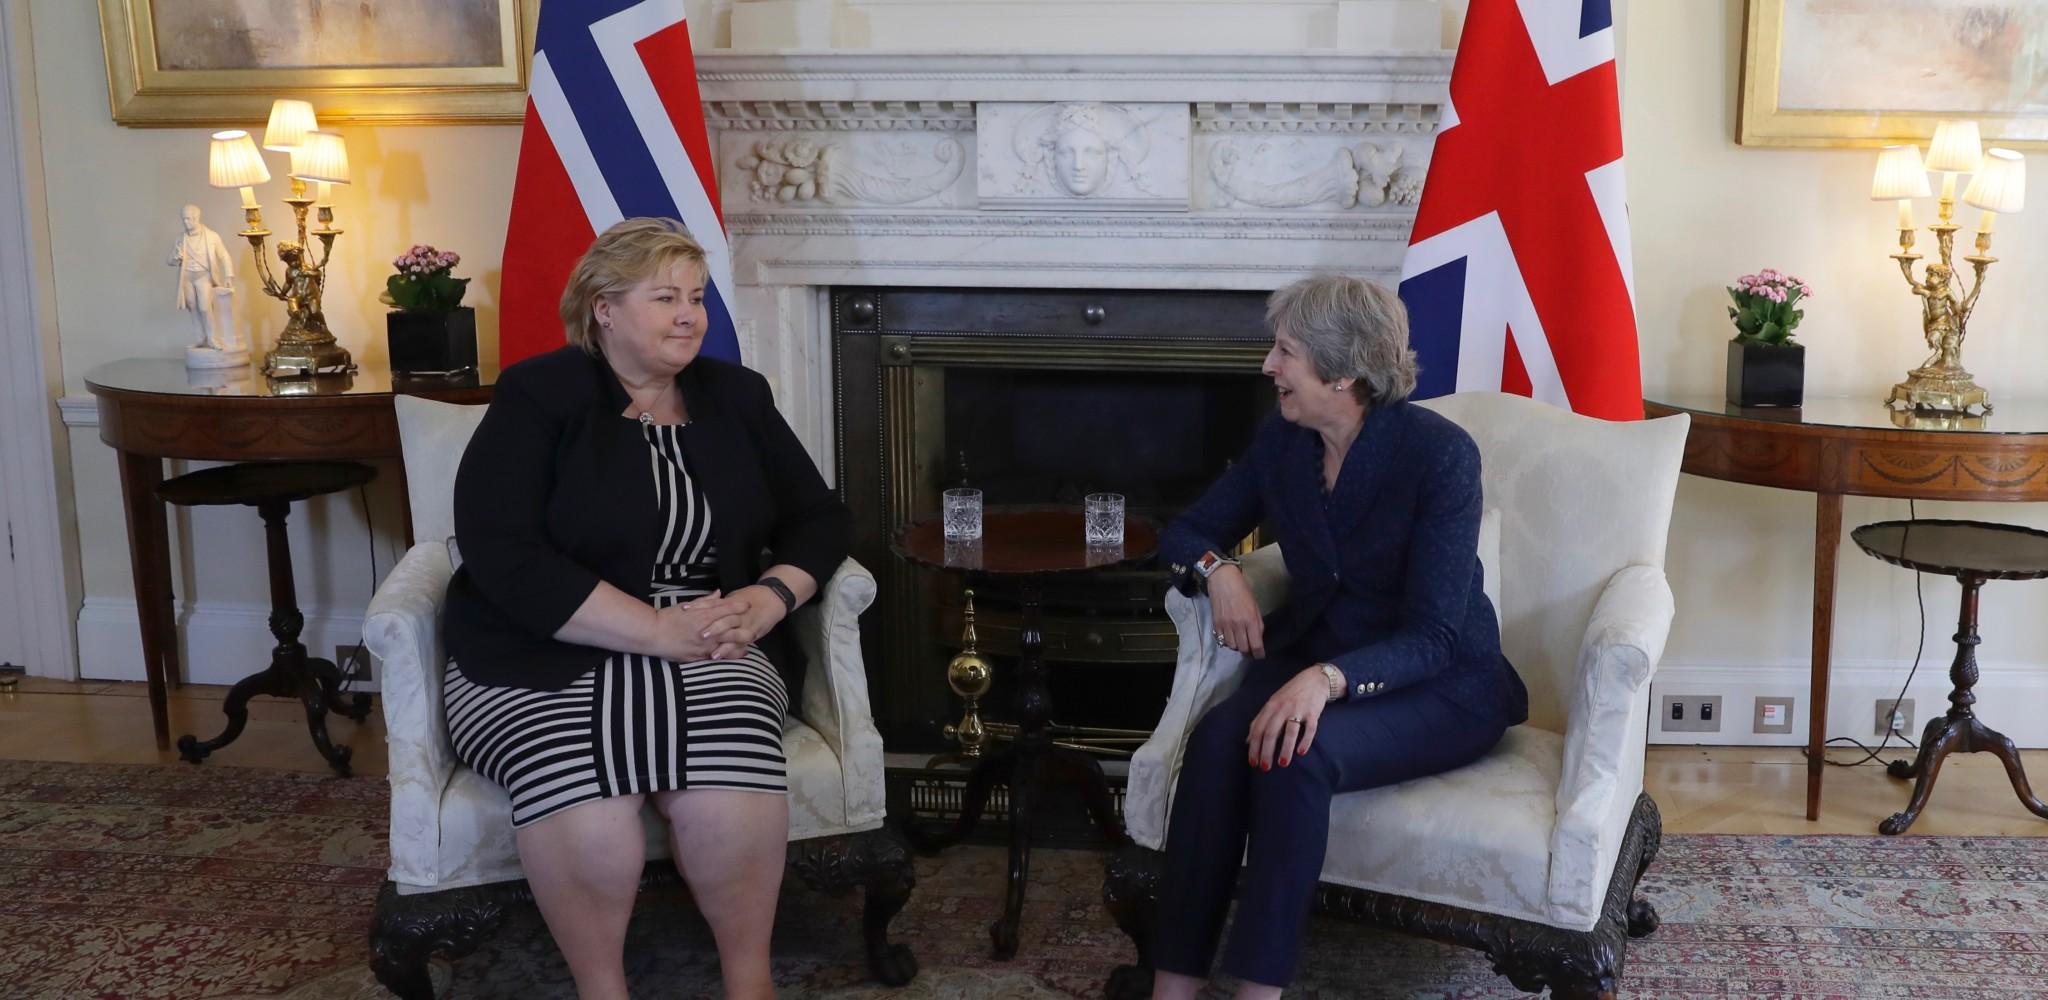 Norge og Storbritannia enige om kriseavtale